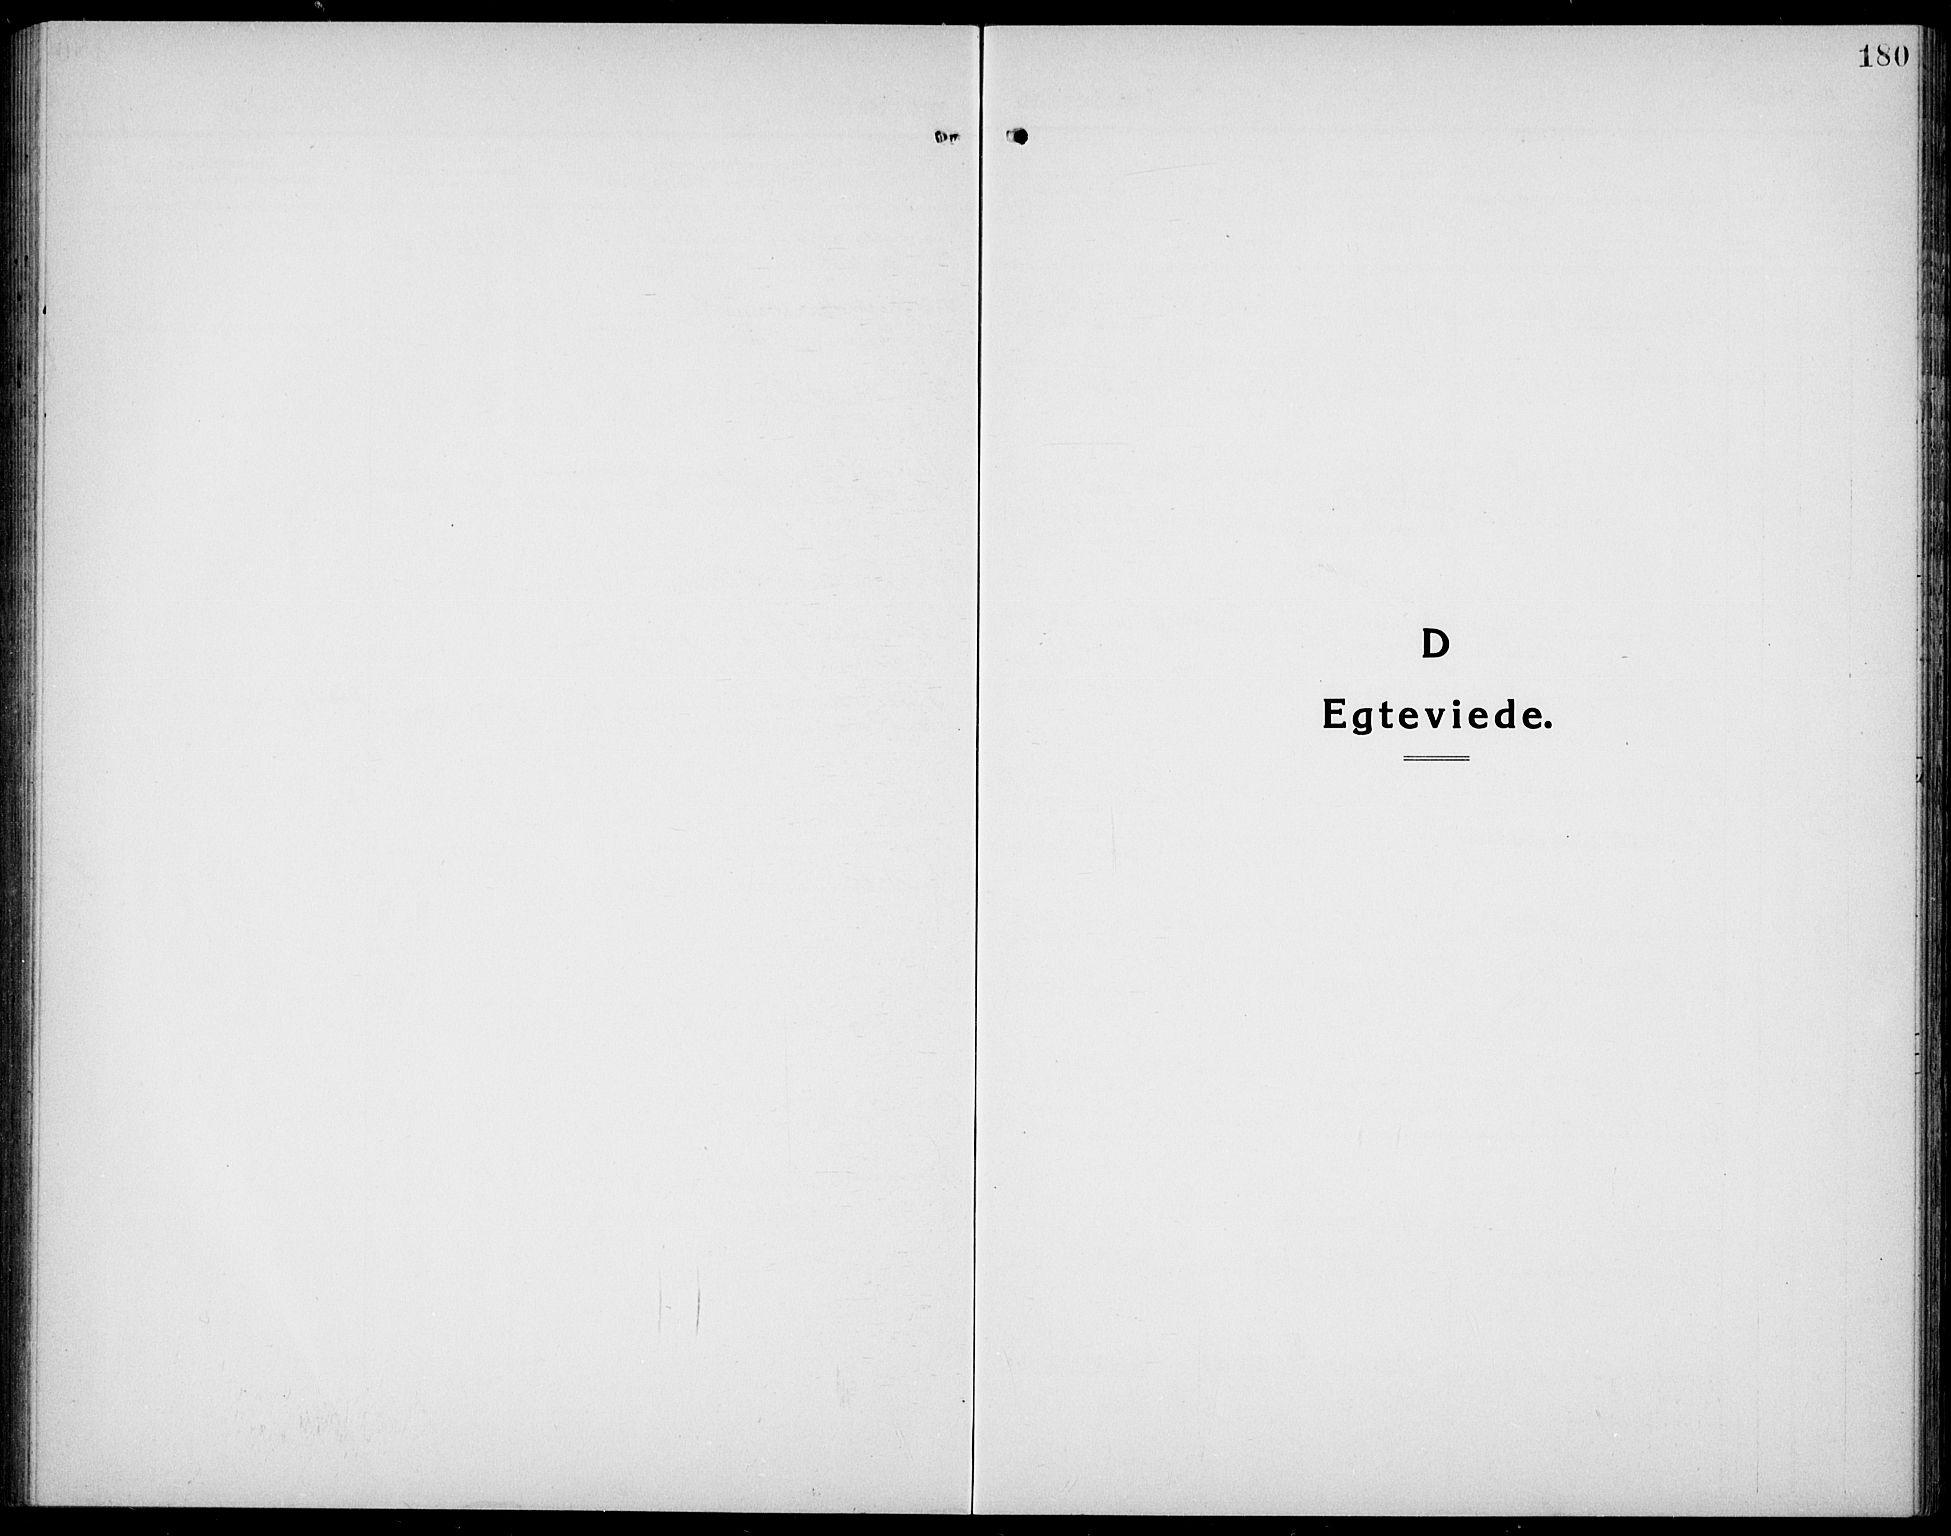 SAKO, Bamble kirkebøker, G/Ga/L0011: Klokkerbok nr. I 11, 1920-1935, s. 180